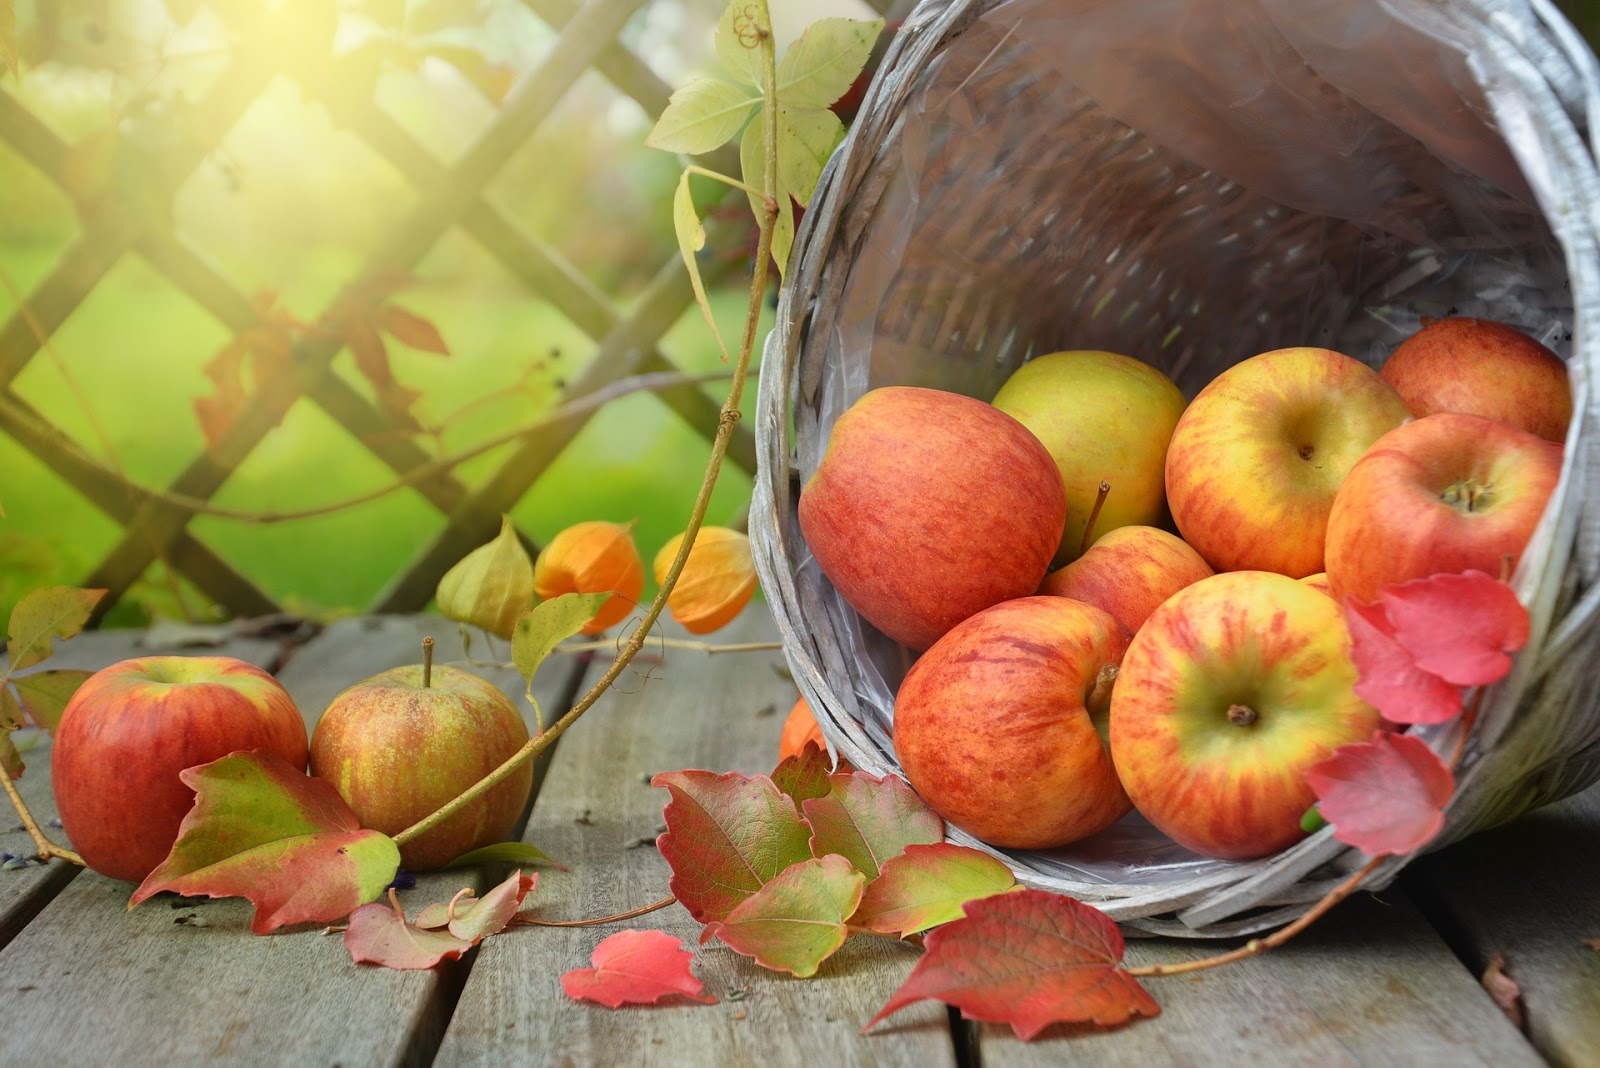 أفضل المناظر الطبيعيه للتفاح